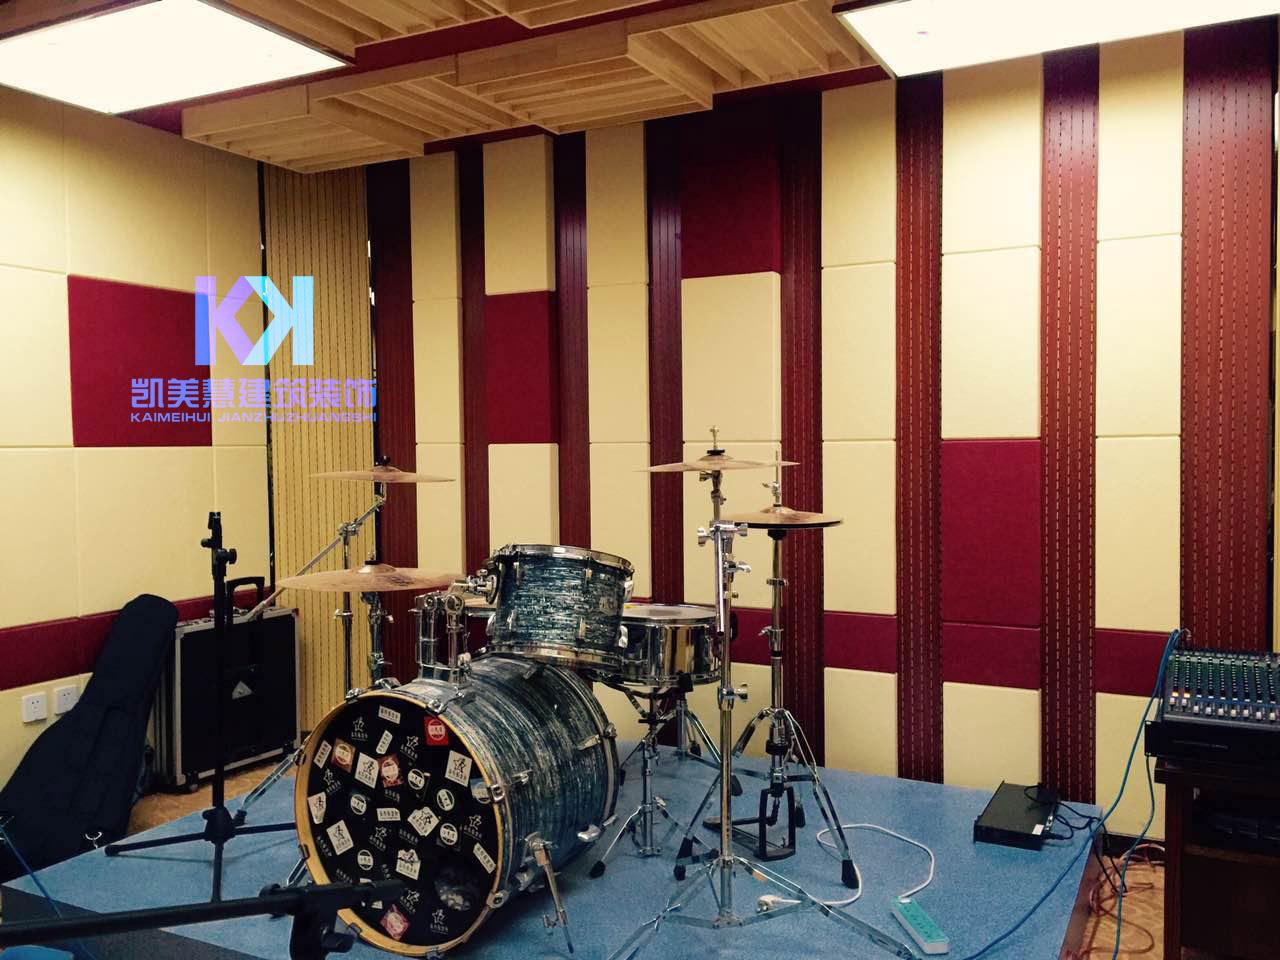 装饰装修验收规范_录音棚设计装修 - PK10计划人工计划_PK10全天计划网页版_PK10全天 ...